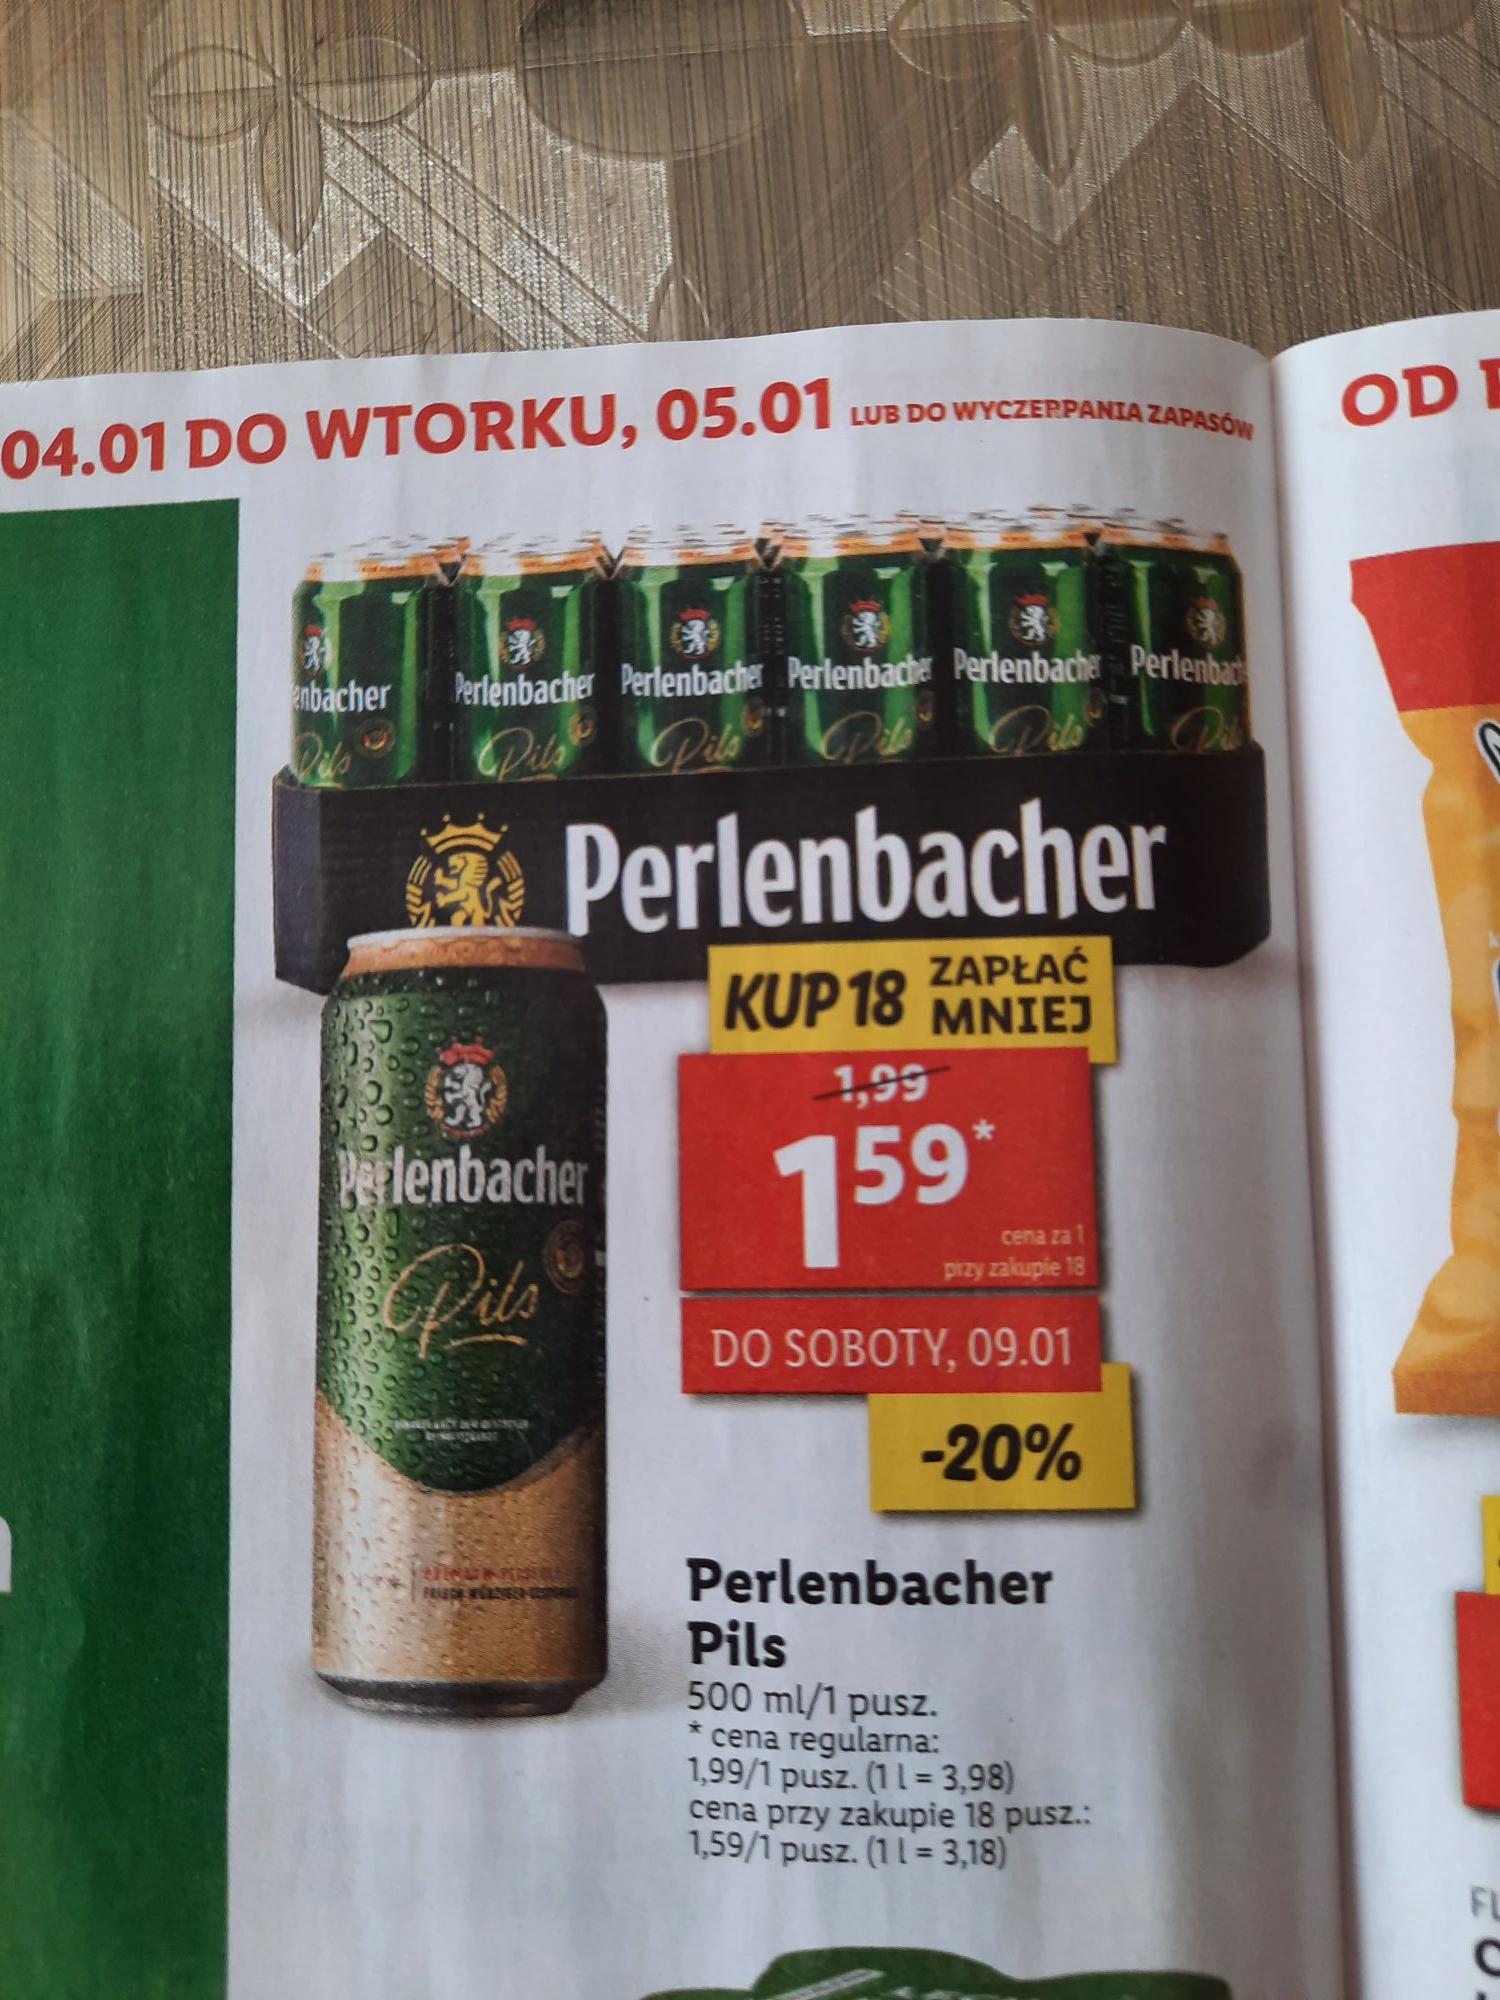 Piwo perlenbacher w puszce taniej przy zakupie 18 sztuk w Lidlu